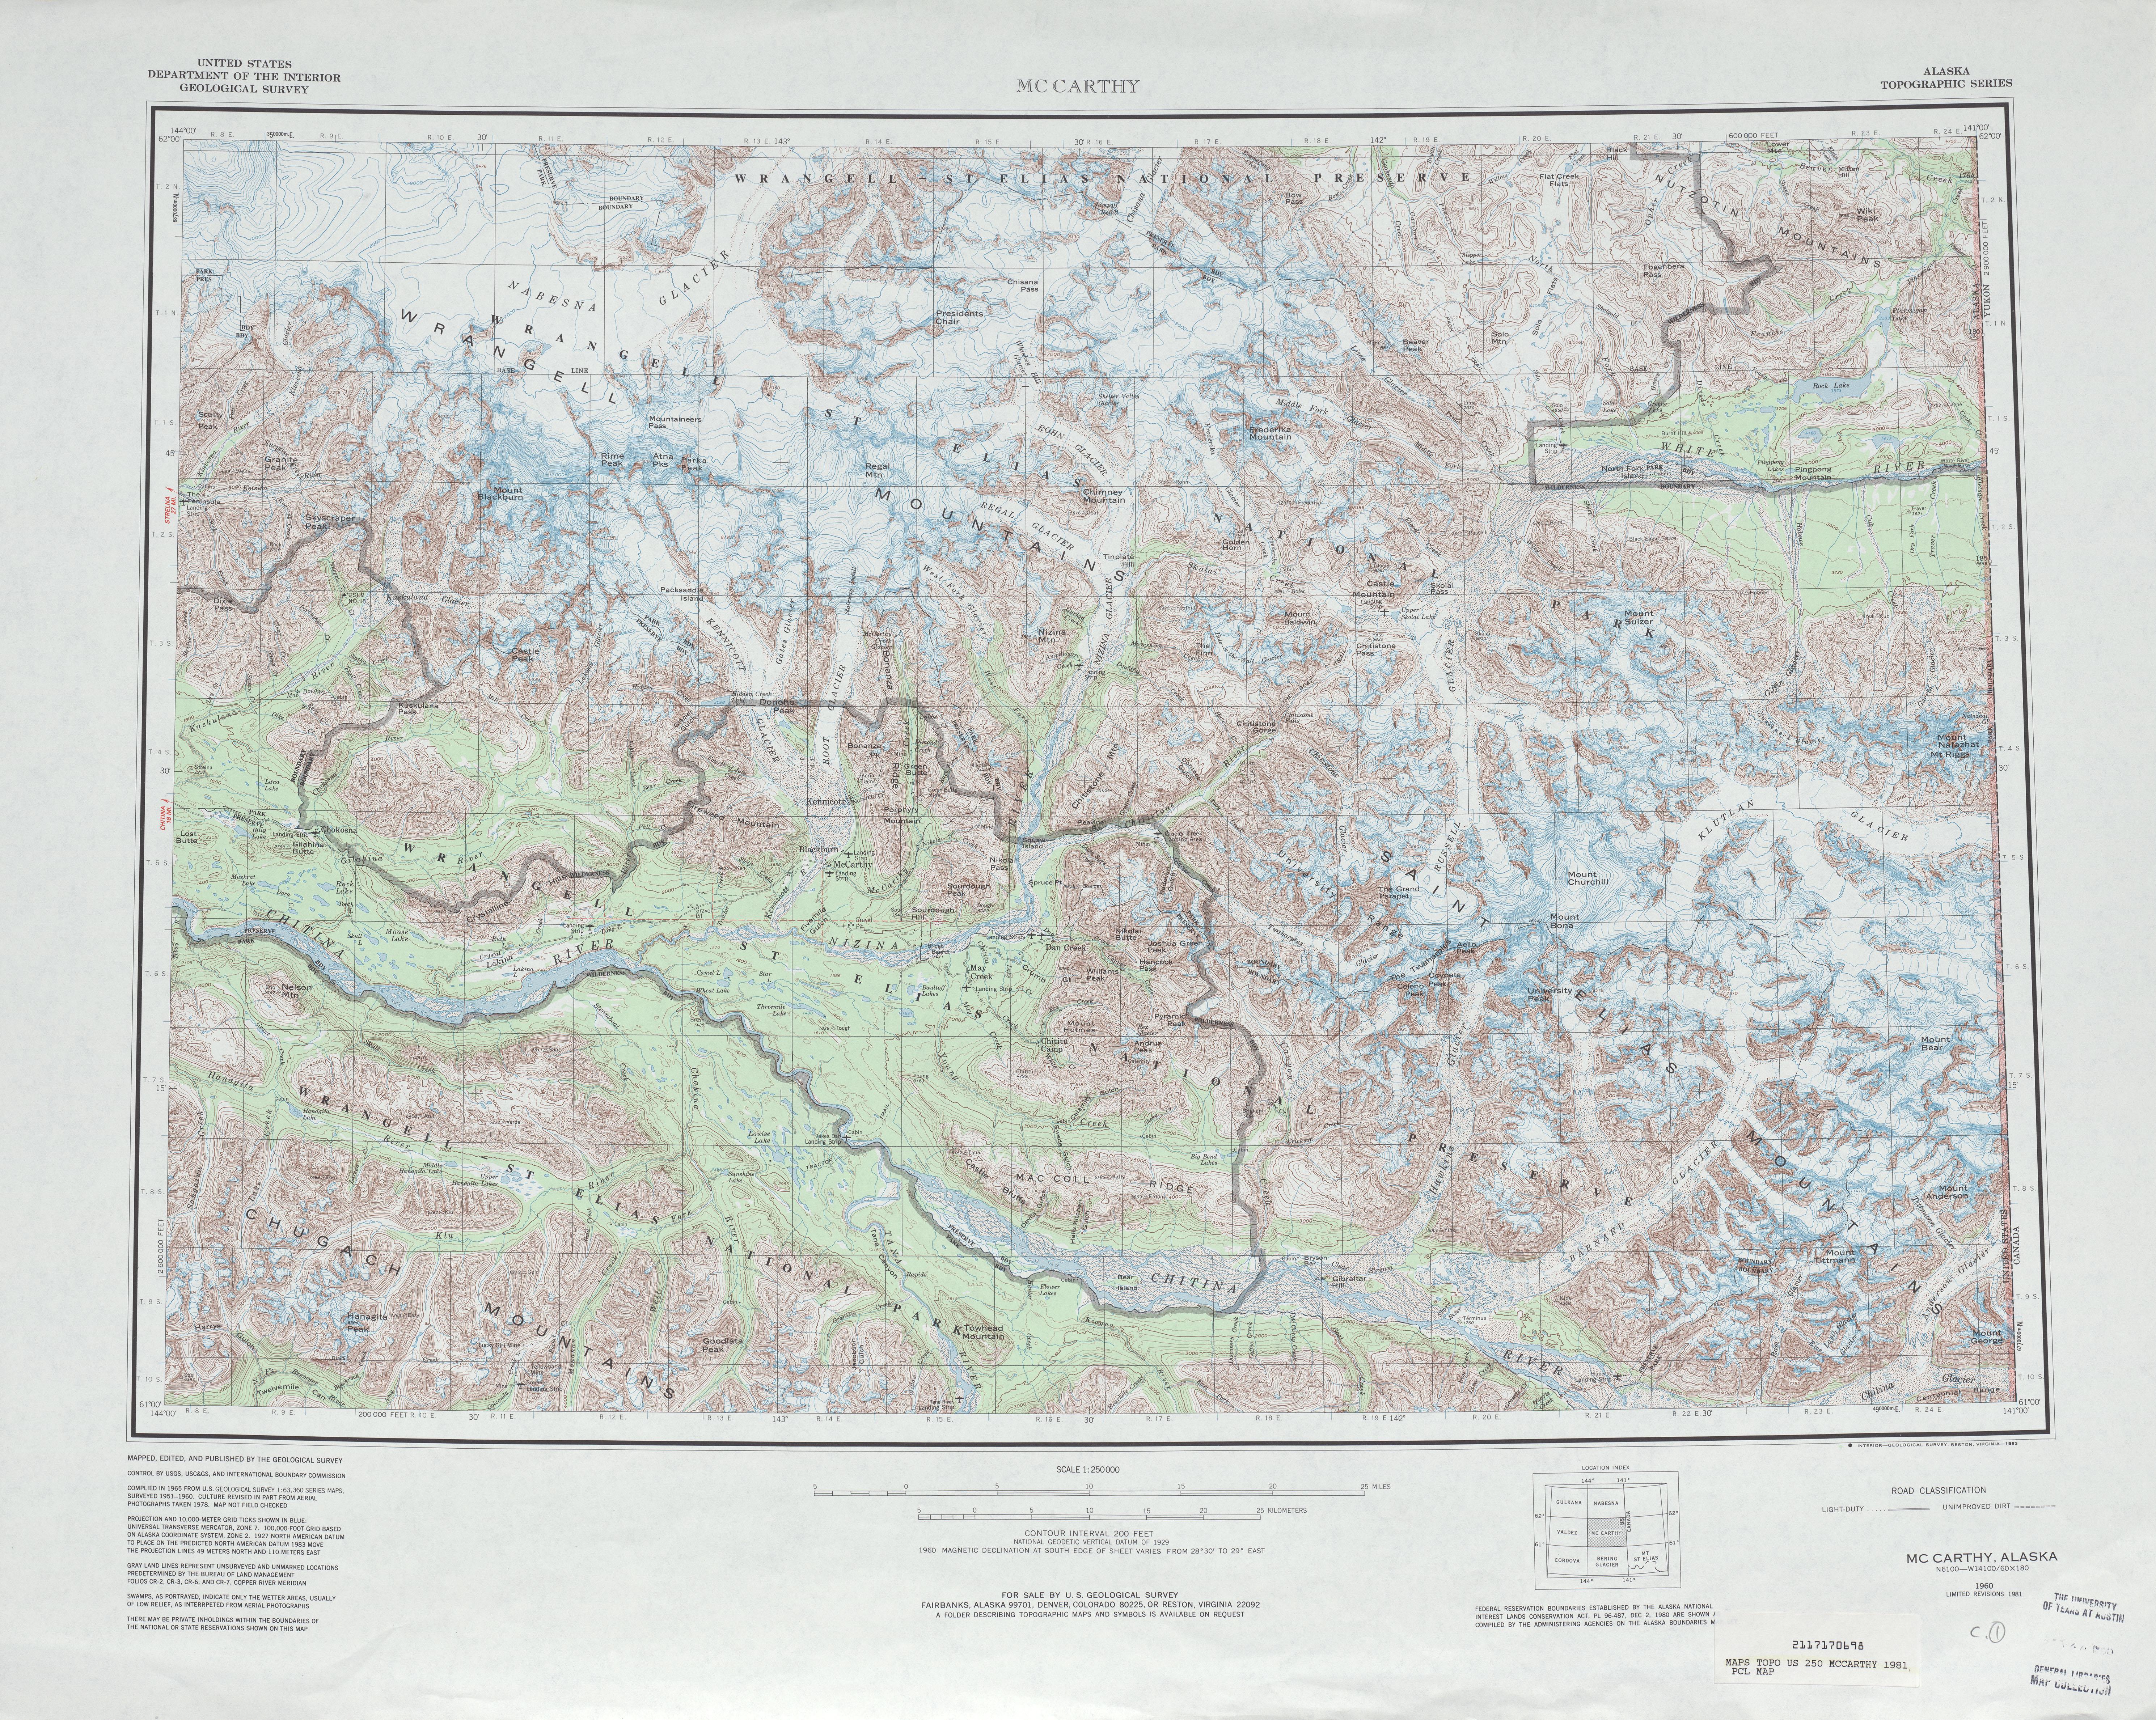 Hoja Mccarthy del Mapa Topográfico de los Estados Unidos 1981